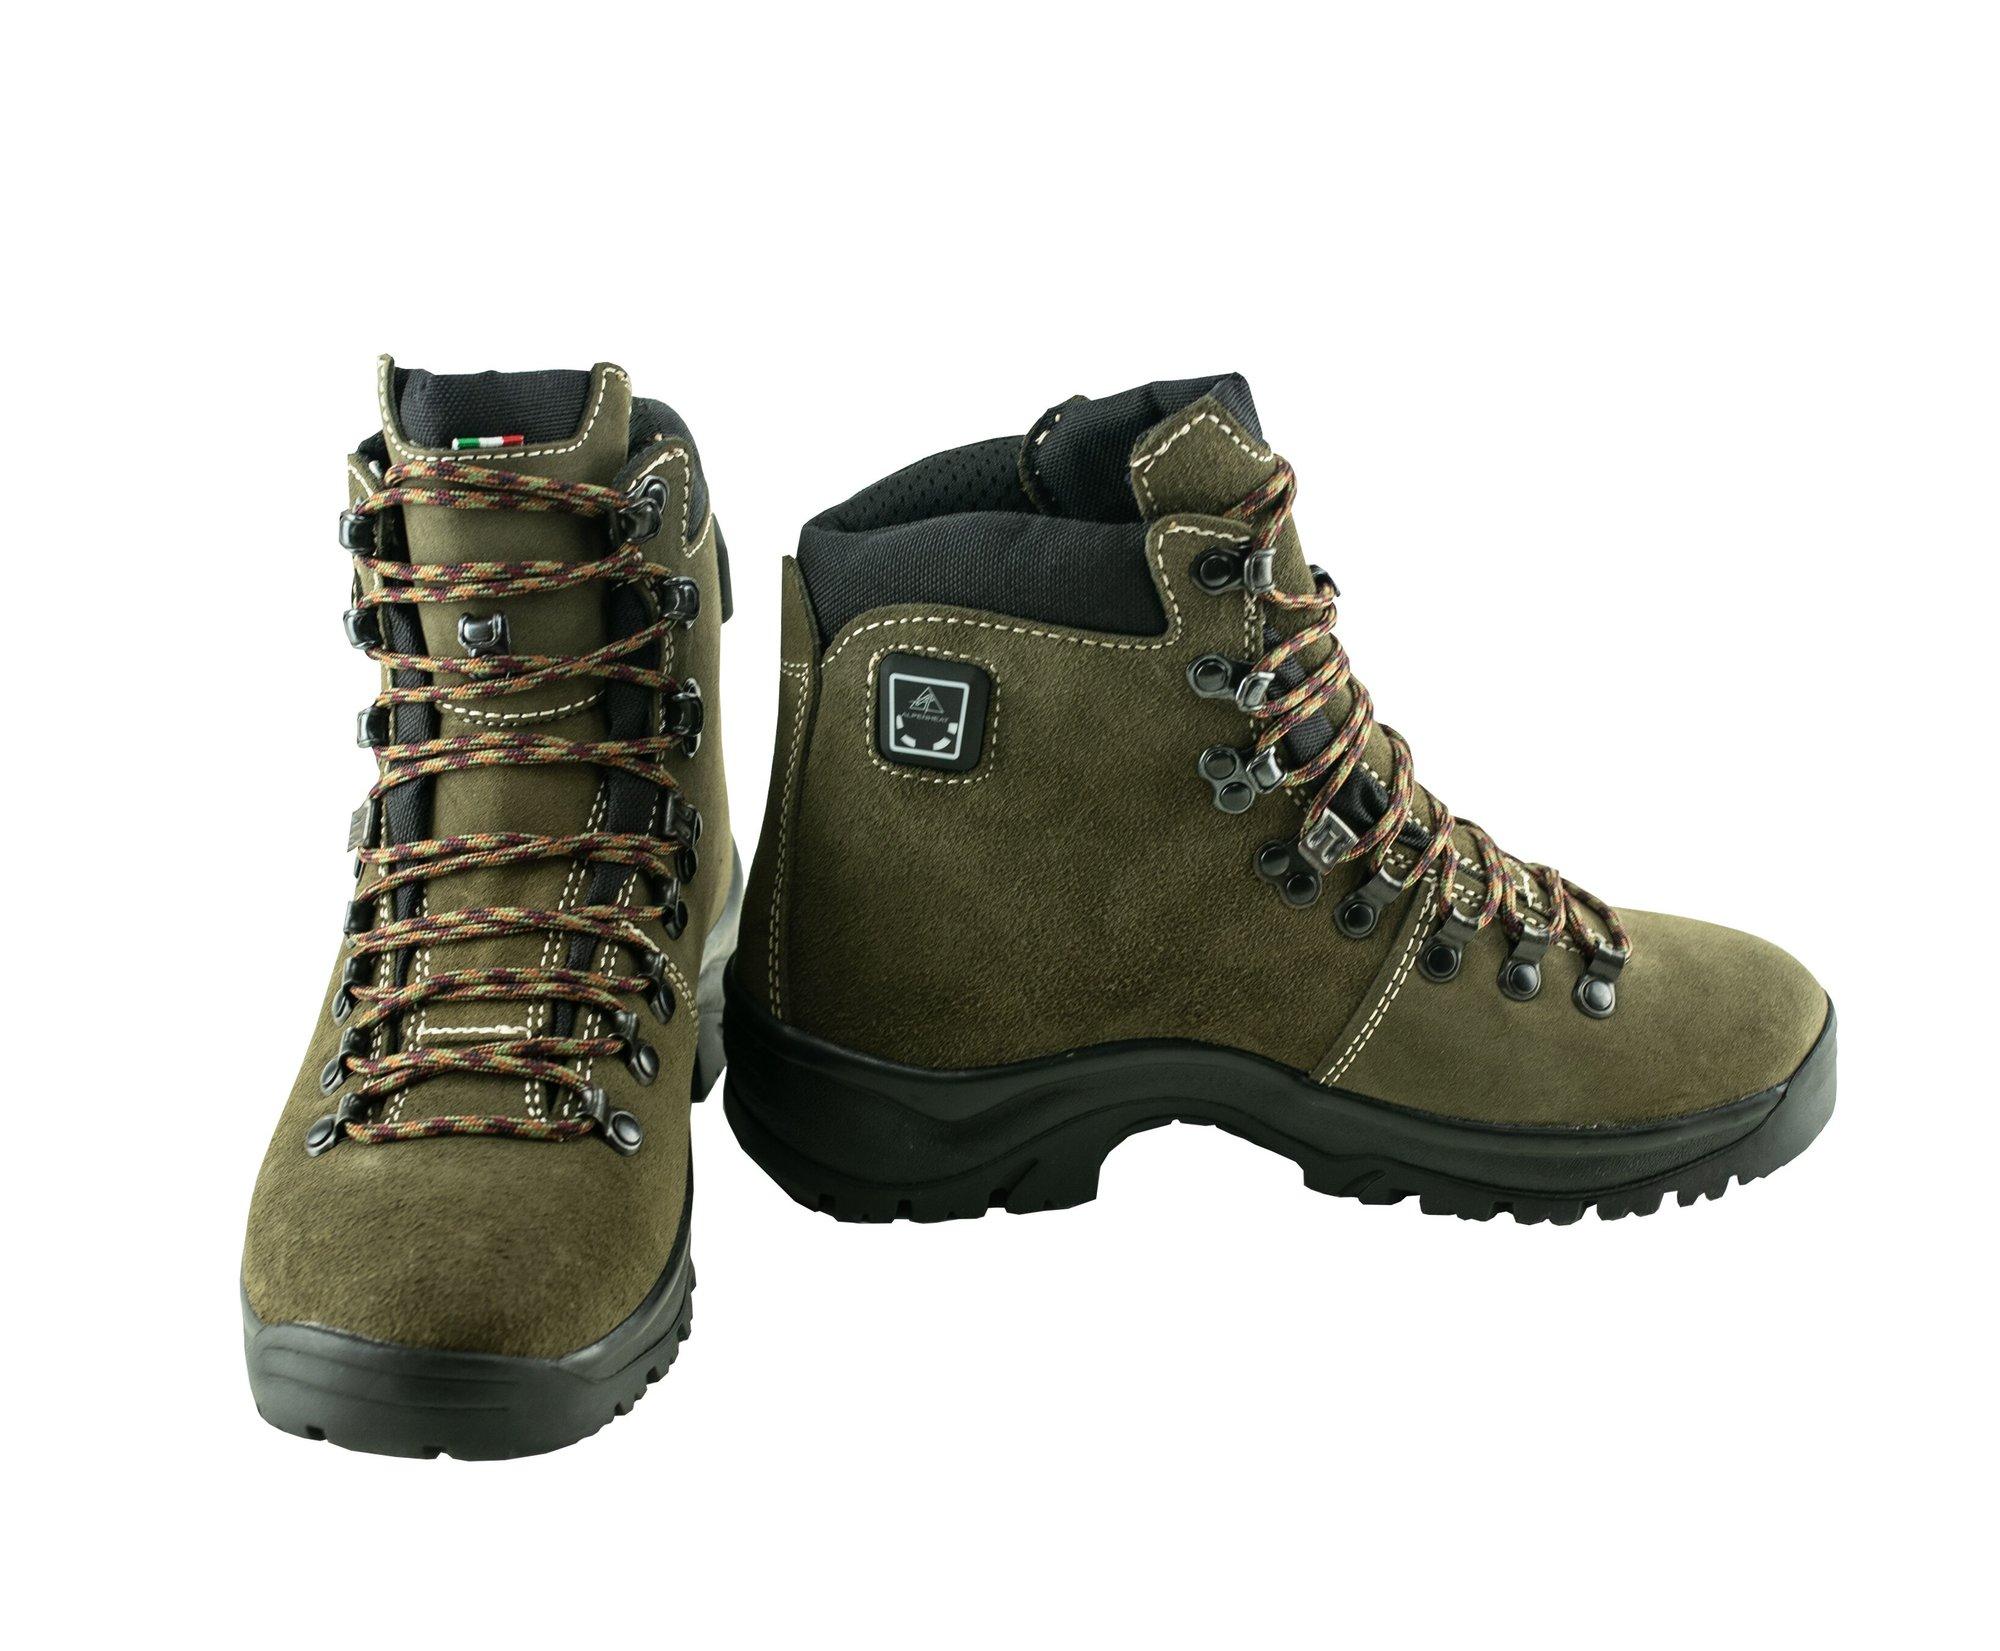 Vyhrievané topánky Alpenheat Gronell Colorado  43